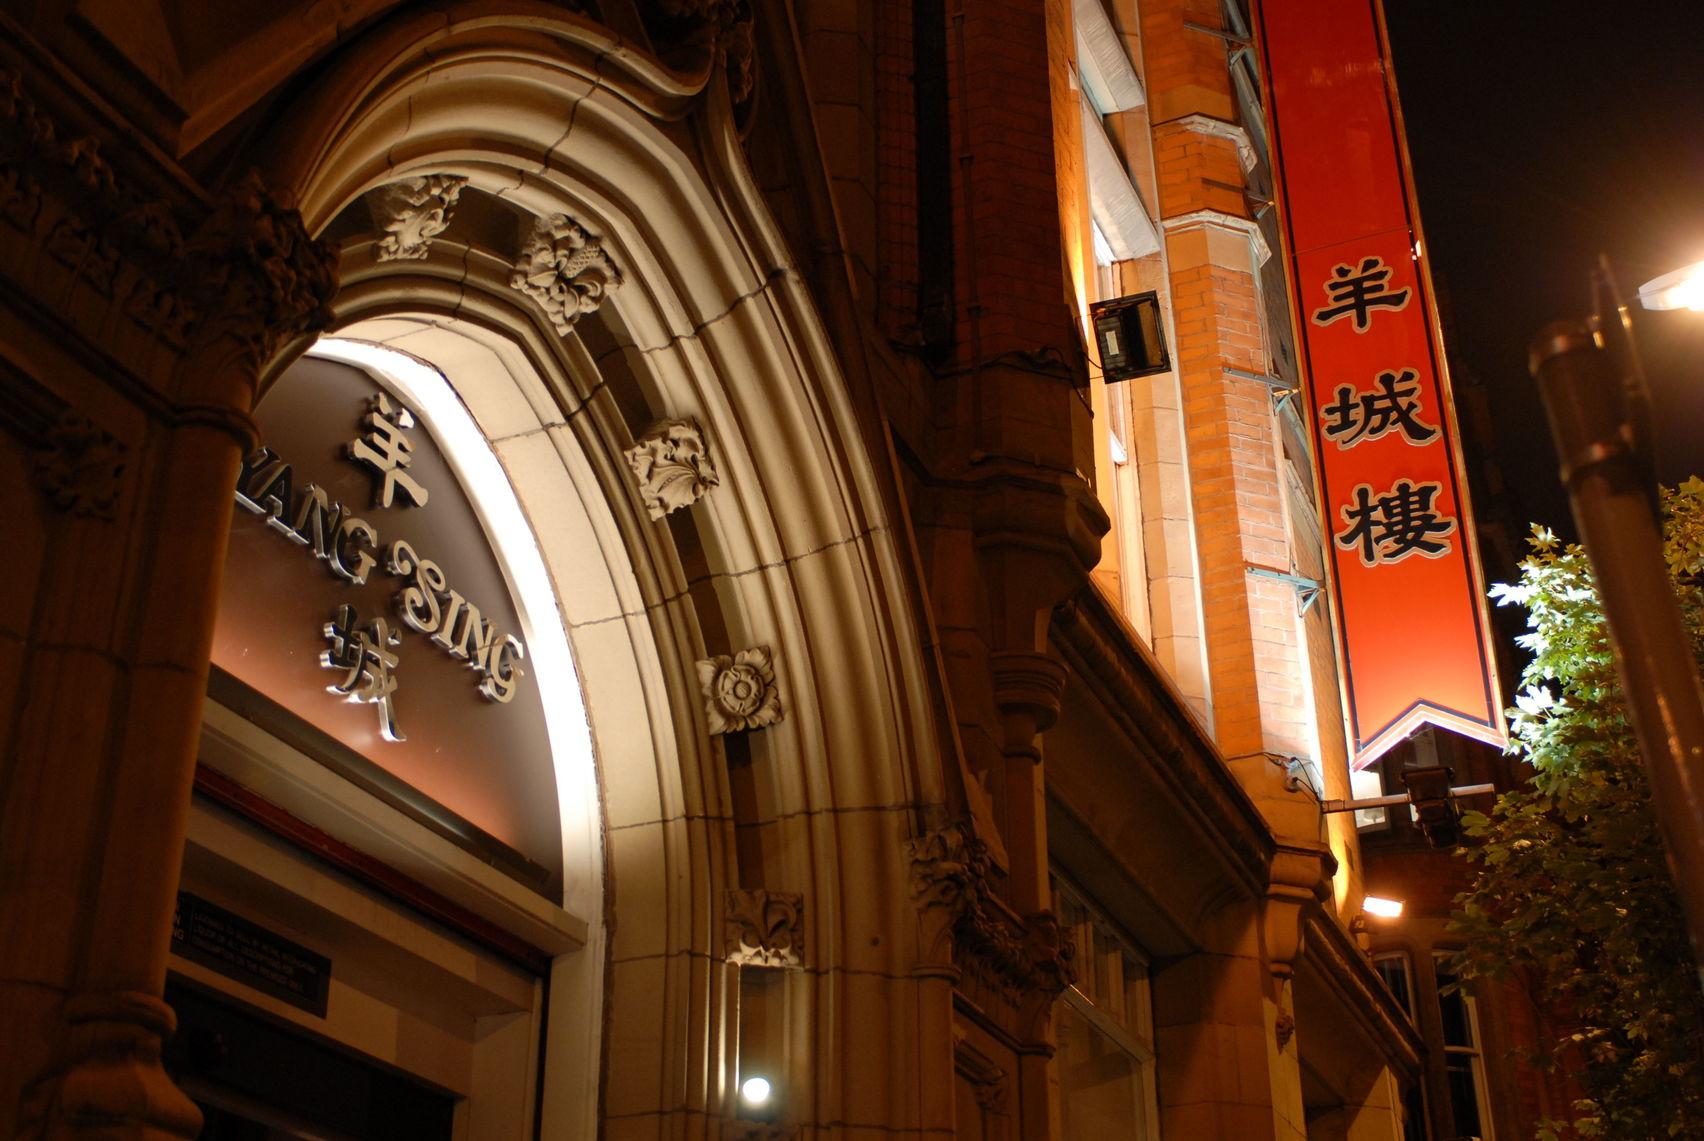 George Room, Yang Sing